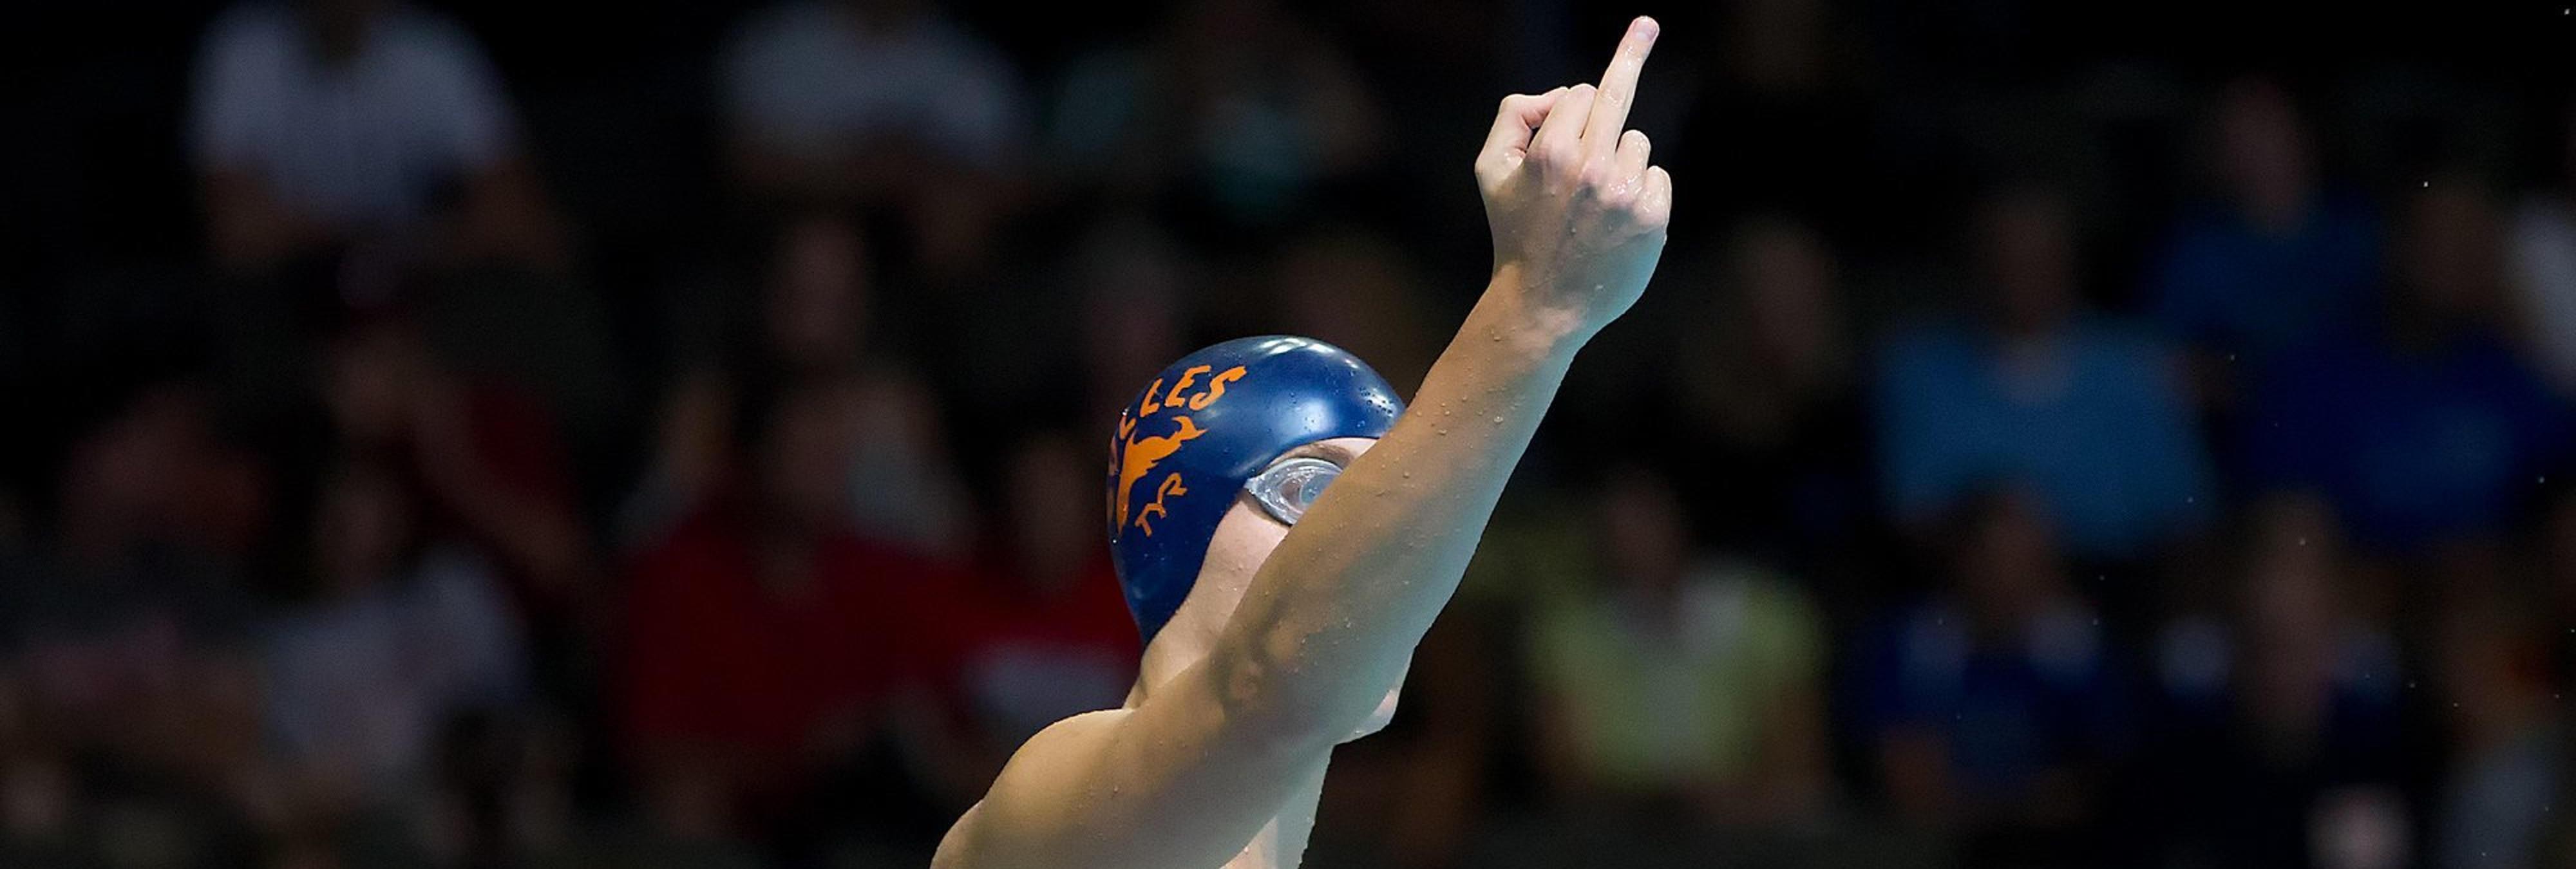 El nadador olímpico de Río 2016 que dedica una peineta antes de tirarse a la piscina